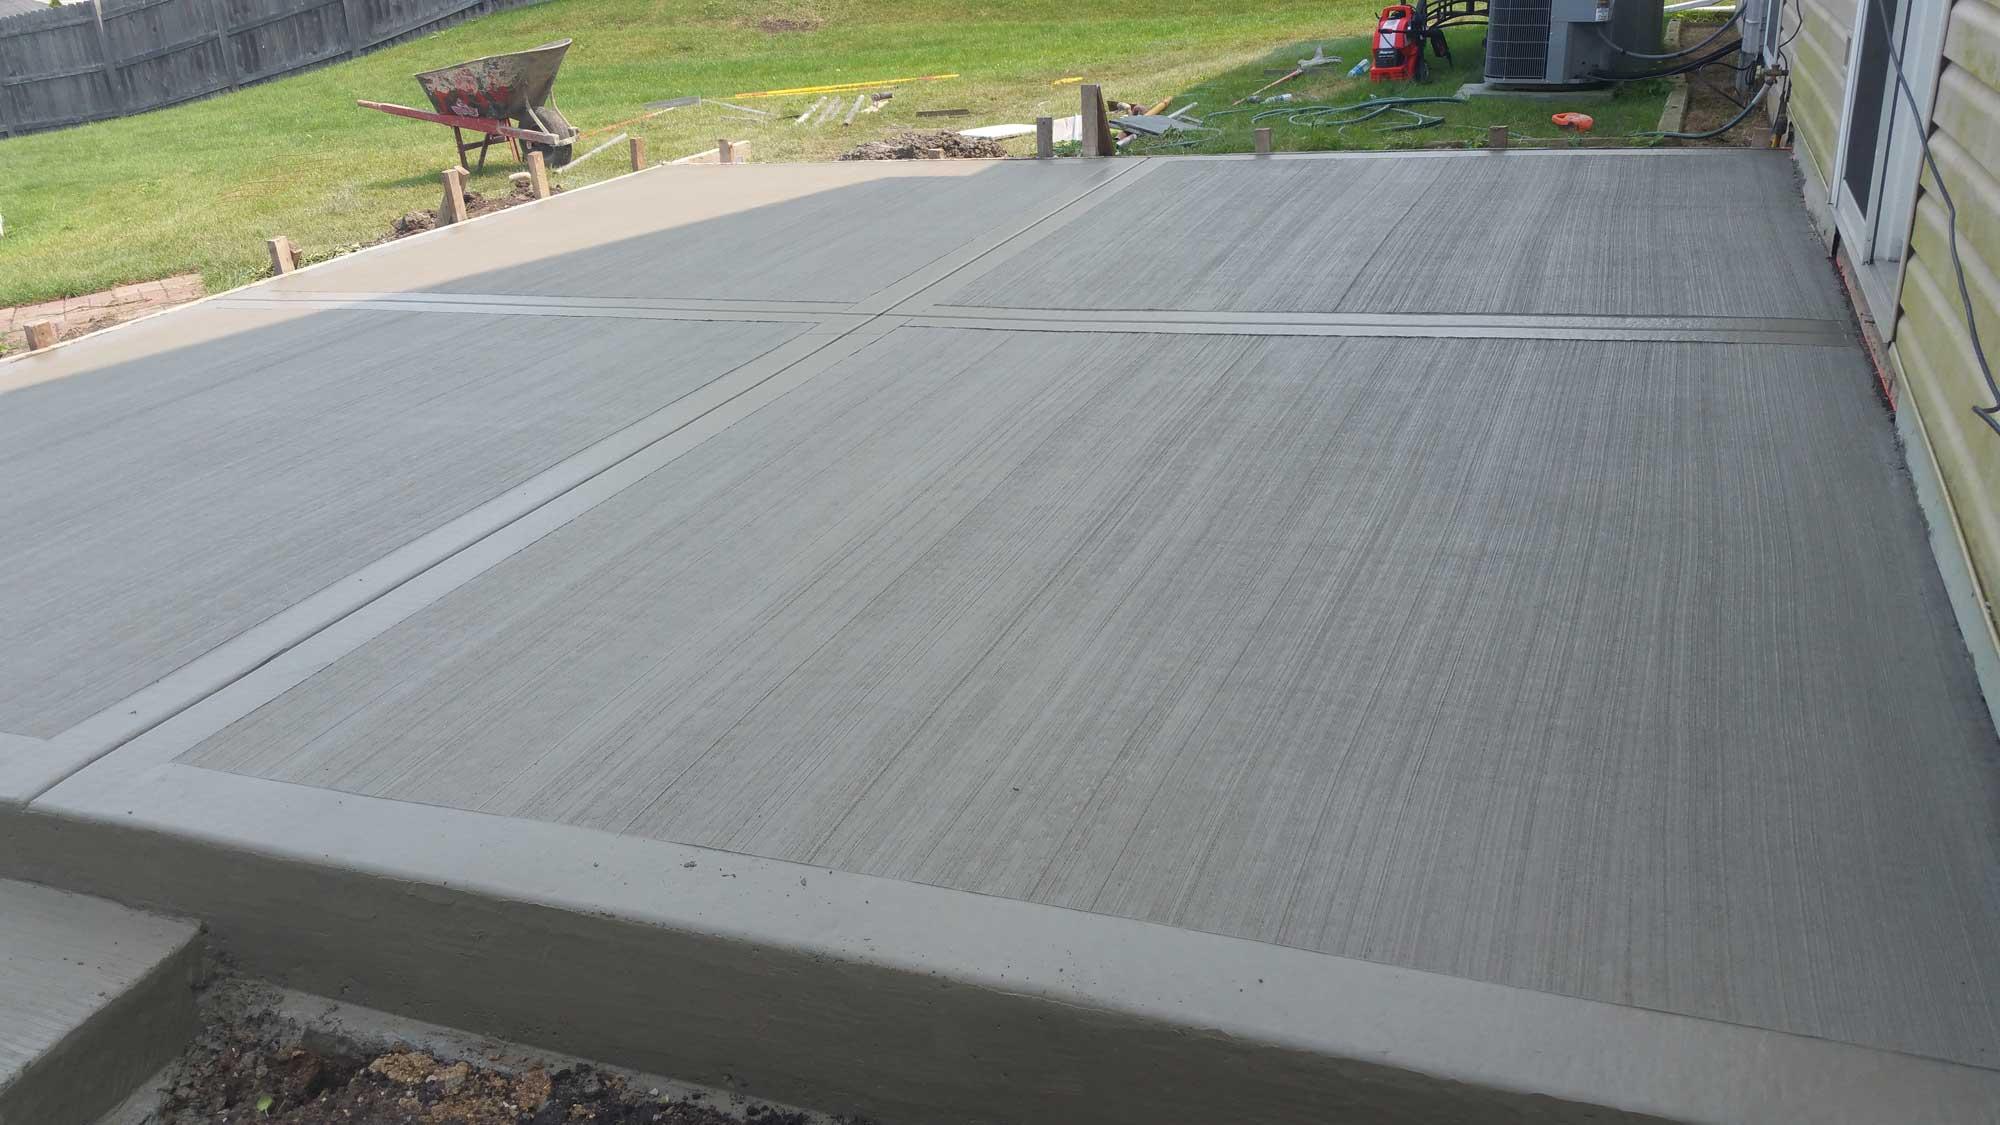 Beau Concrete Patio 4